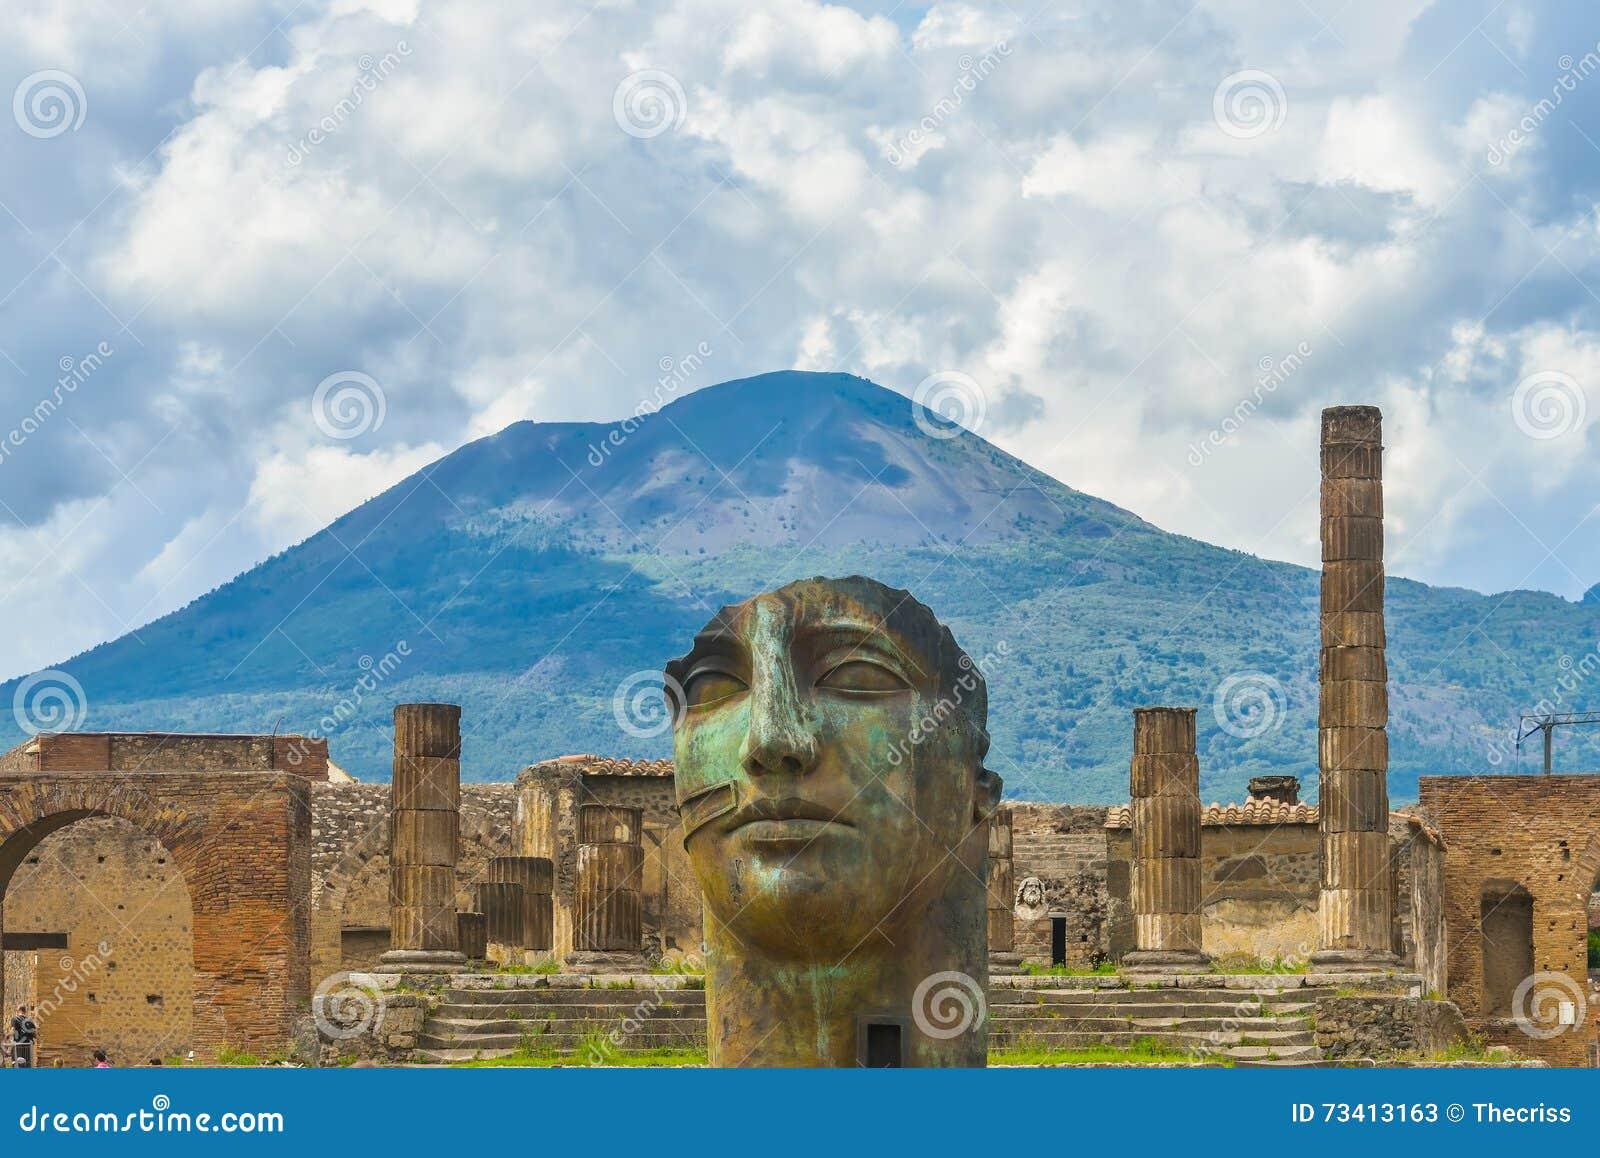 De ruïnes van Pompei na de uitbarsting van de Vesuvius in Pompei, Italië